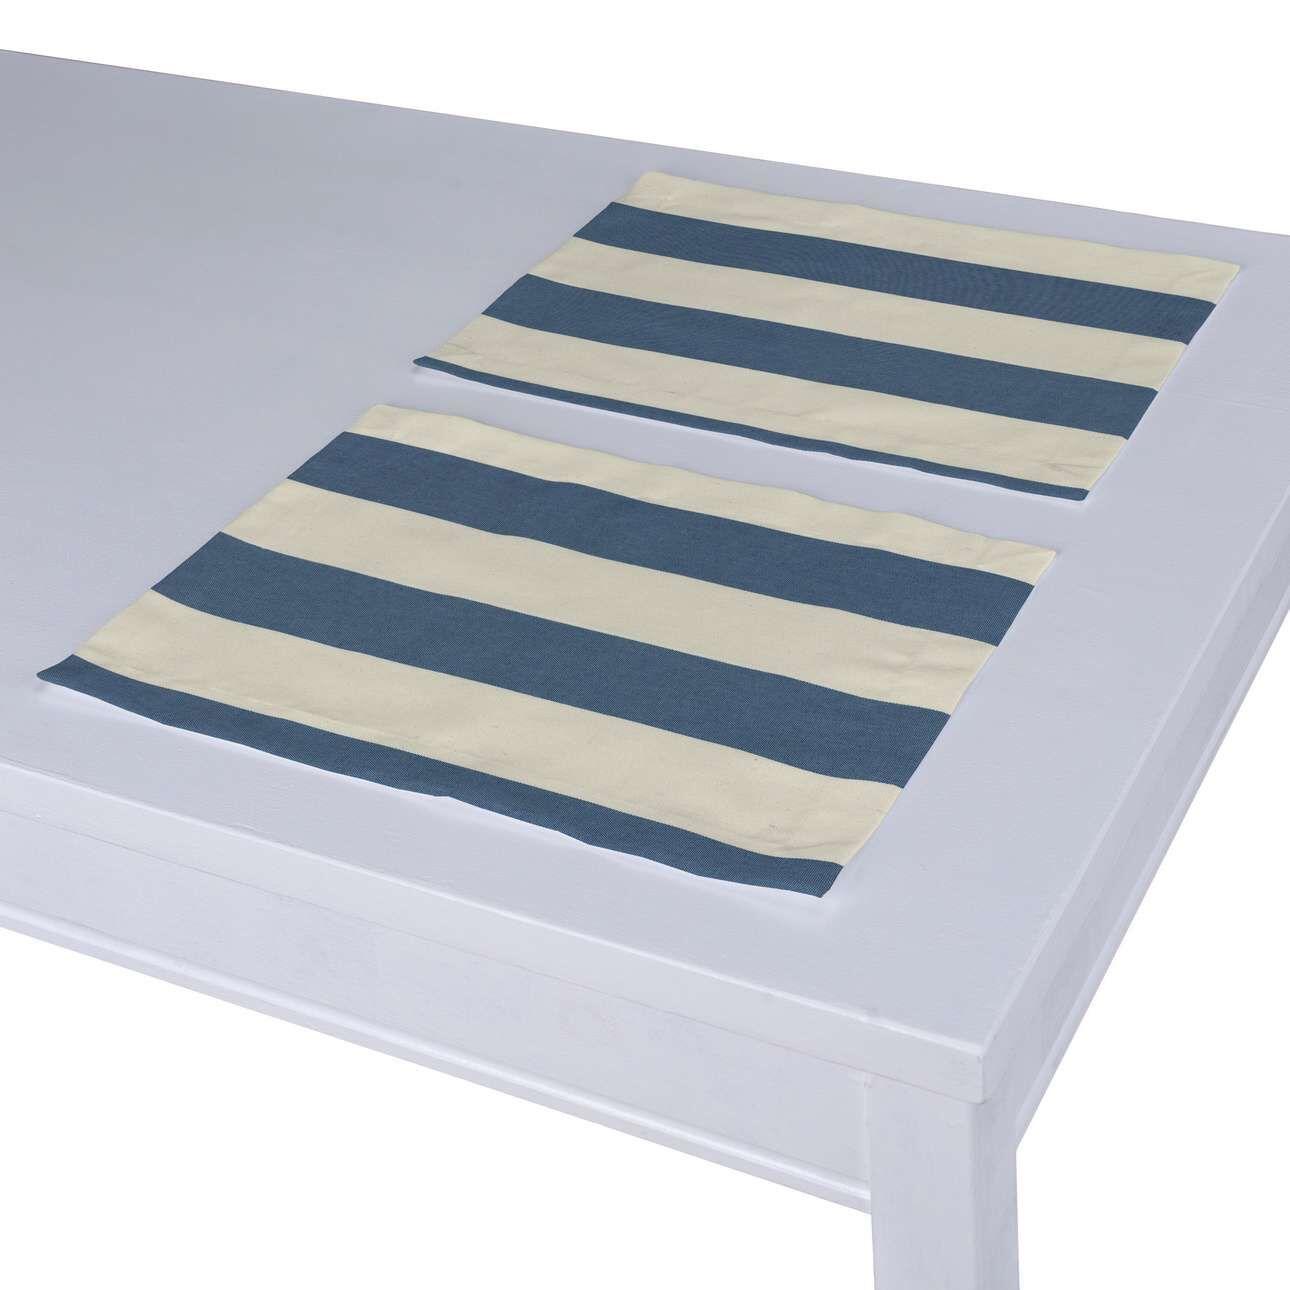 Dekoria Tischset 2 Stck. blau-weiß Modell: 30 × 40 cm